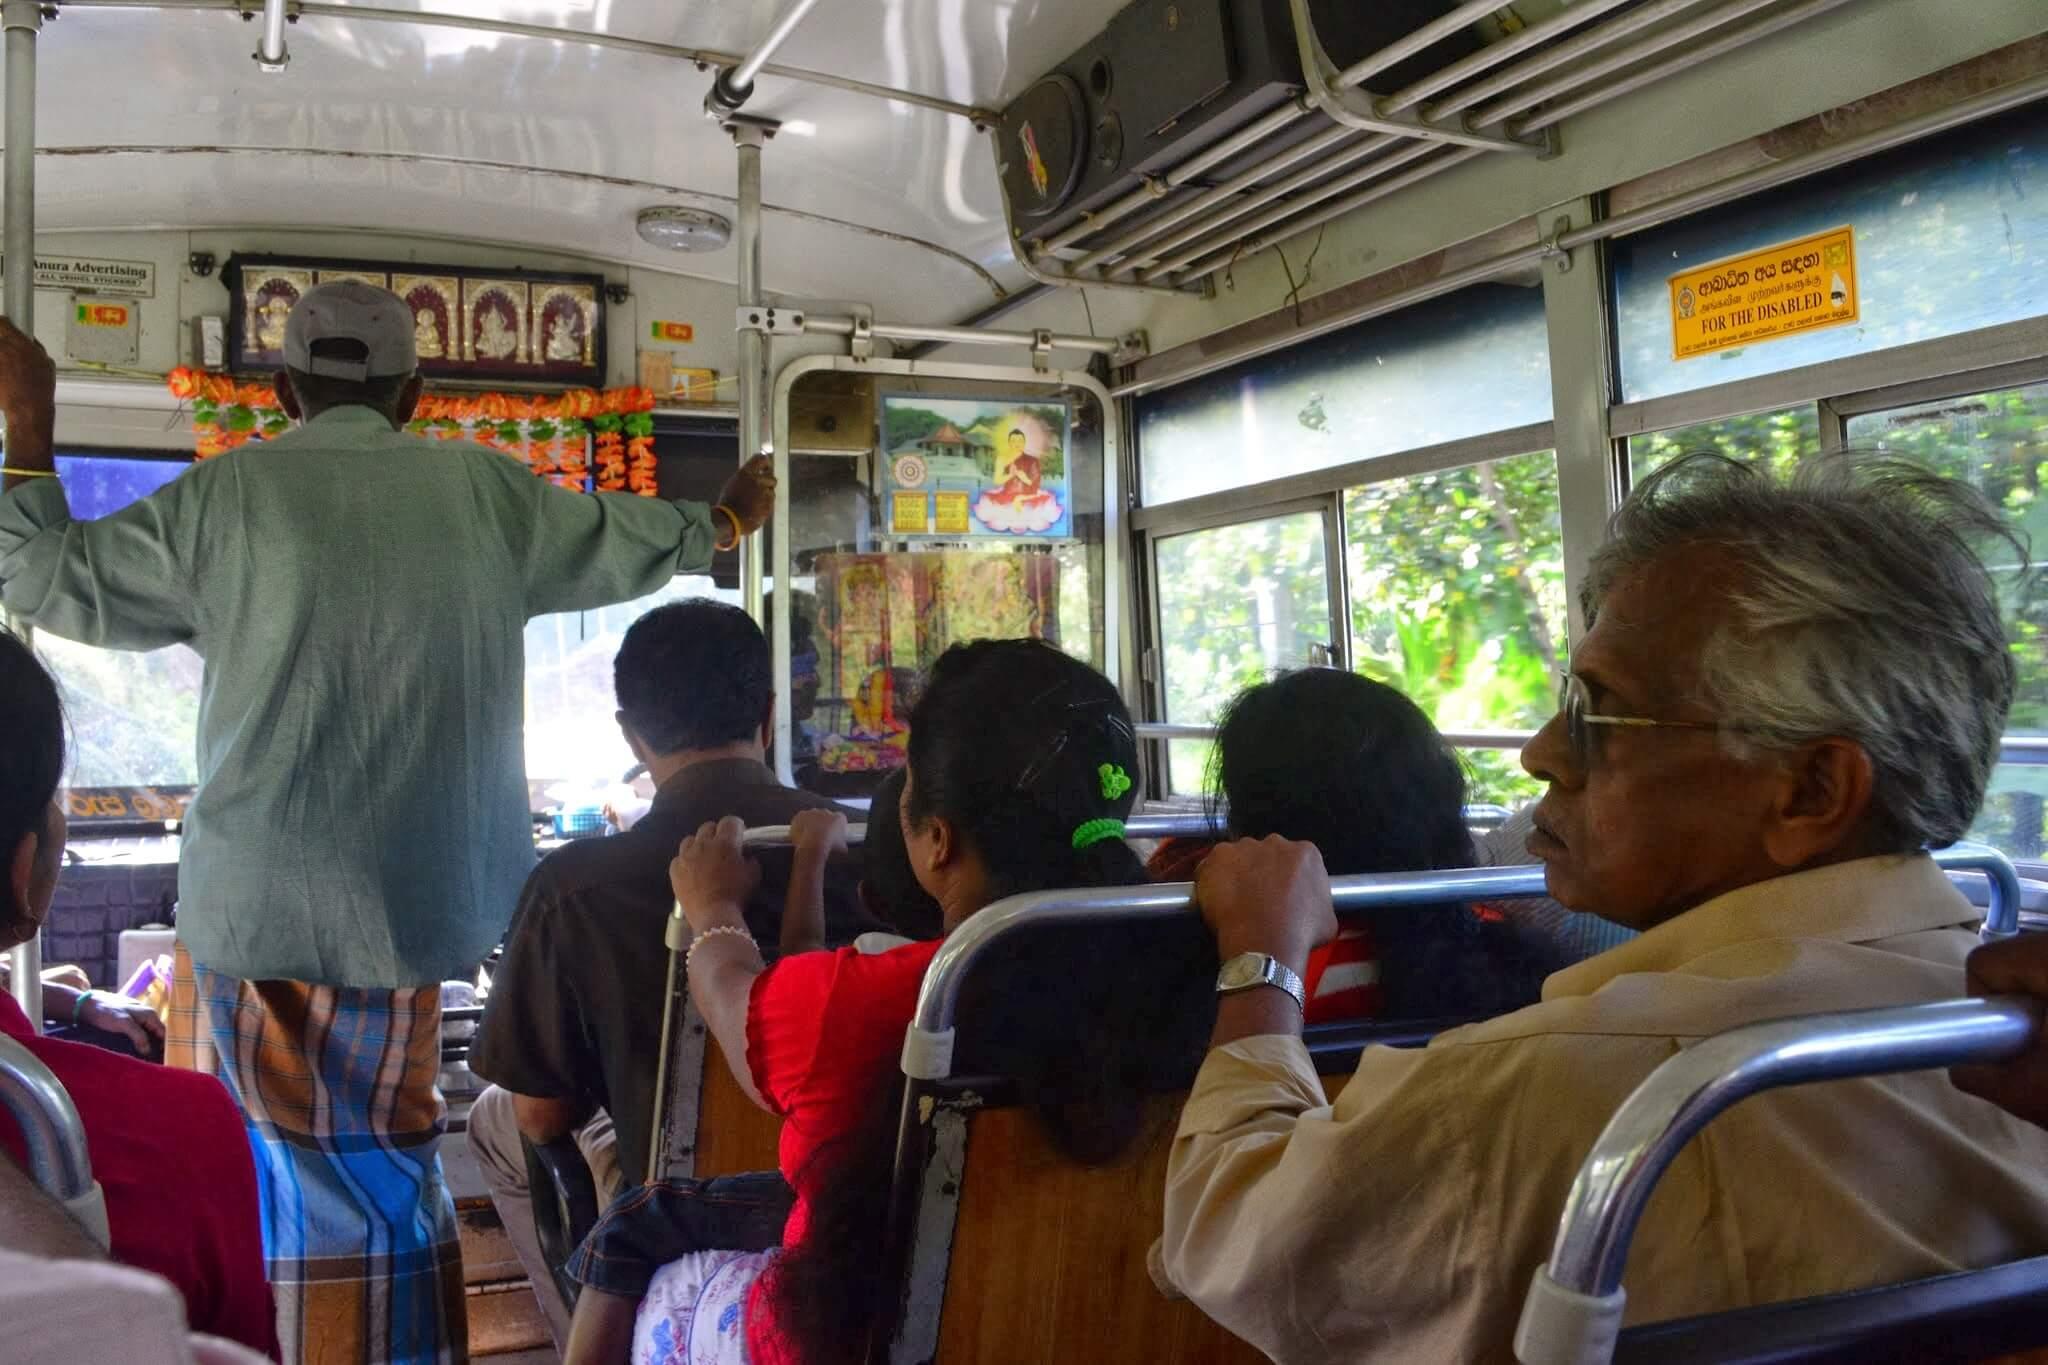 В автобусе Шри-Ланка